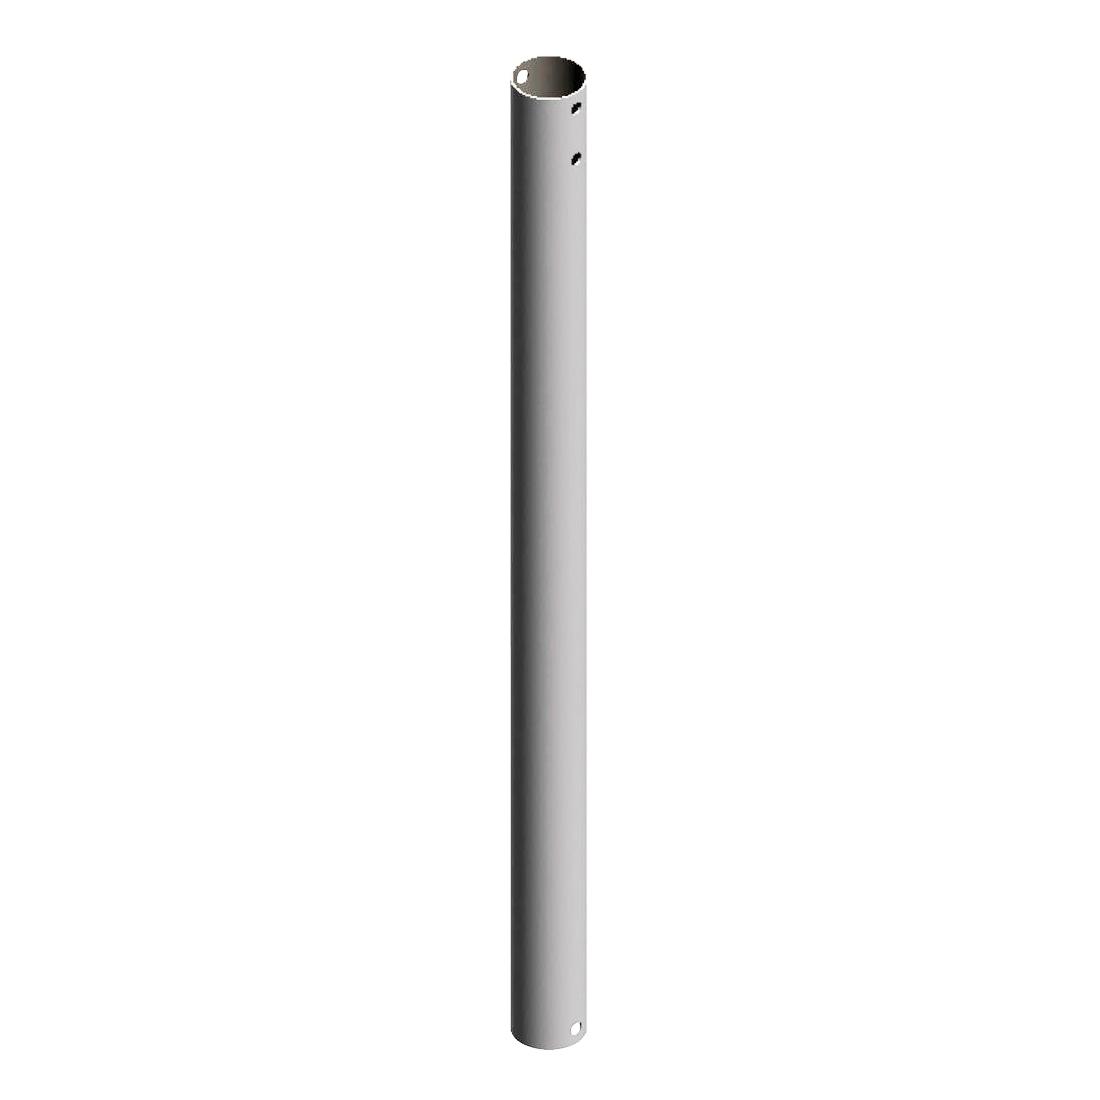 Peerless-AV MOD-P200-W - Штанга диаметром 50,8 мм, длина 2000 мм